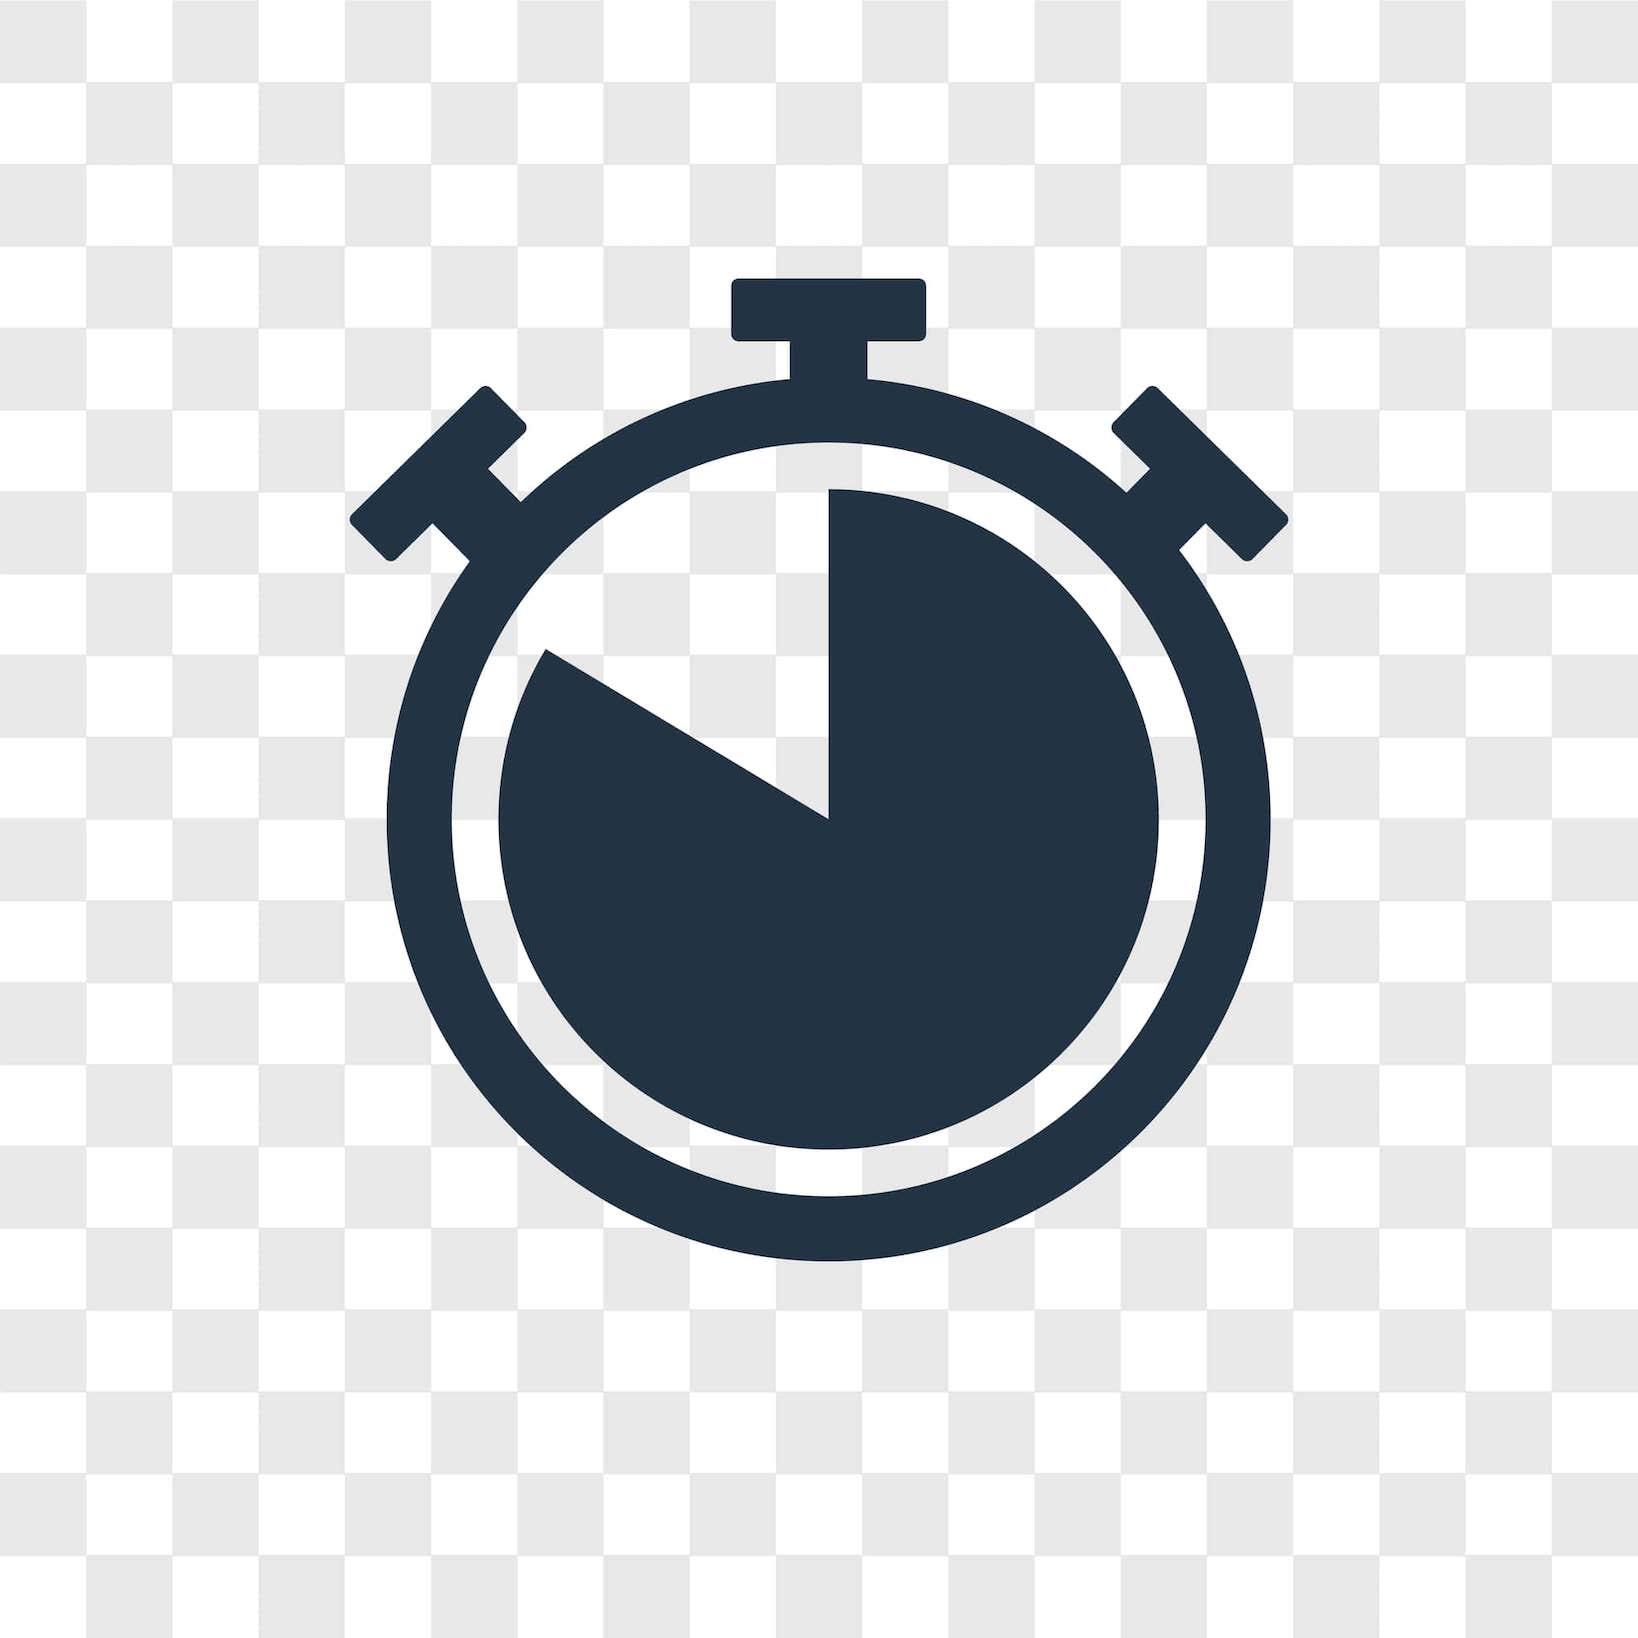 Uhr auf der die Zeit fast abgelaufen ist